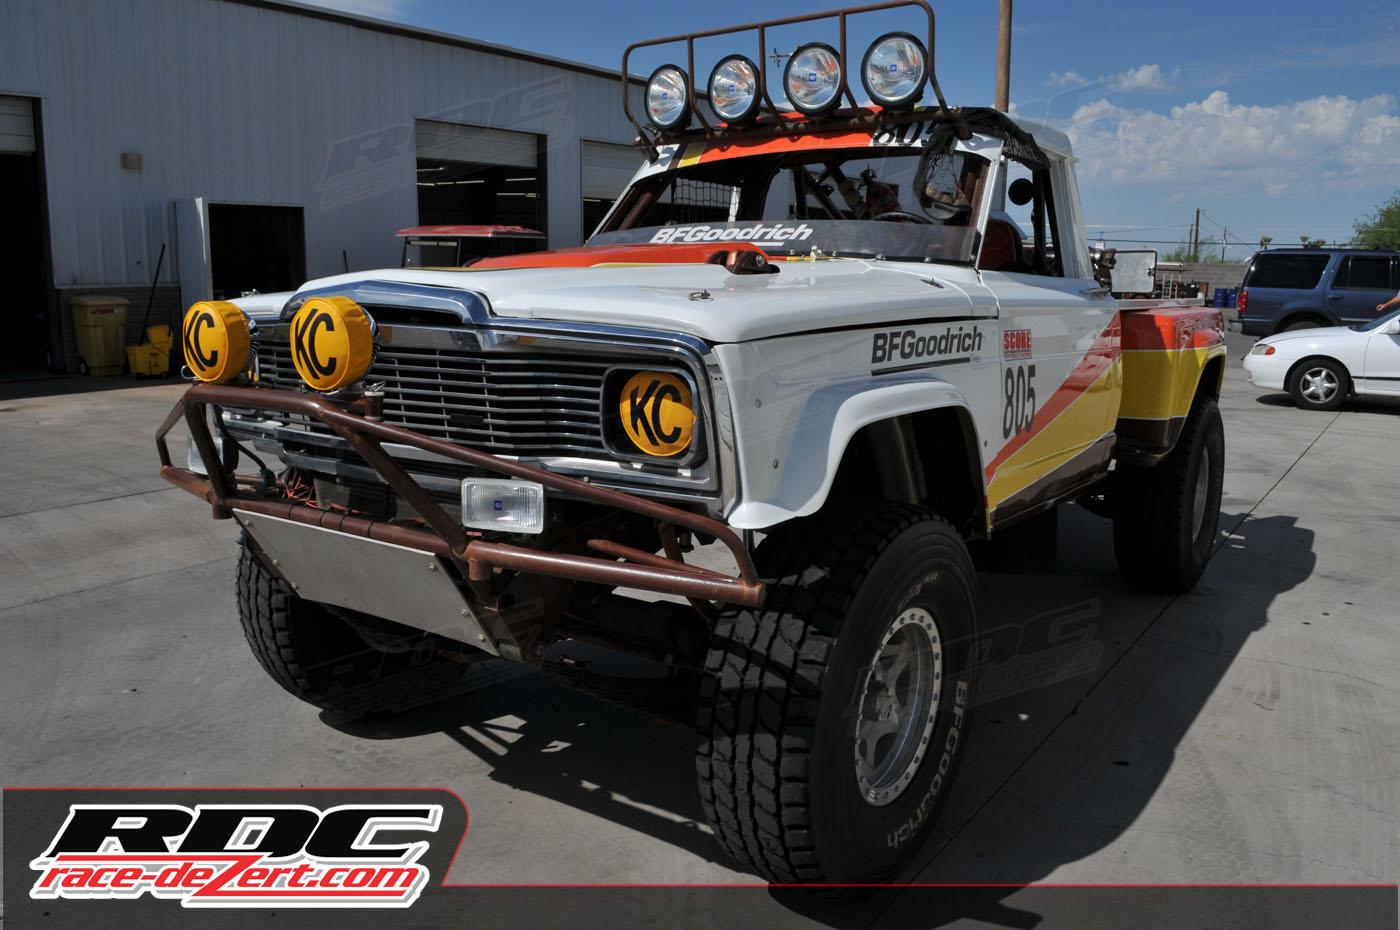 race_dezert_com_feature_jeep_004.jpg